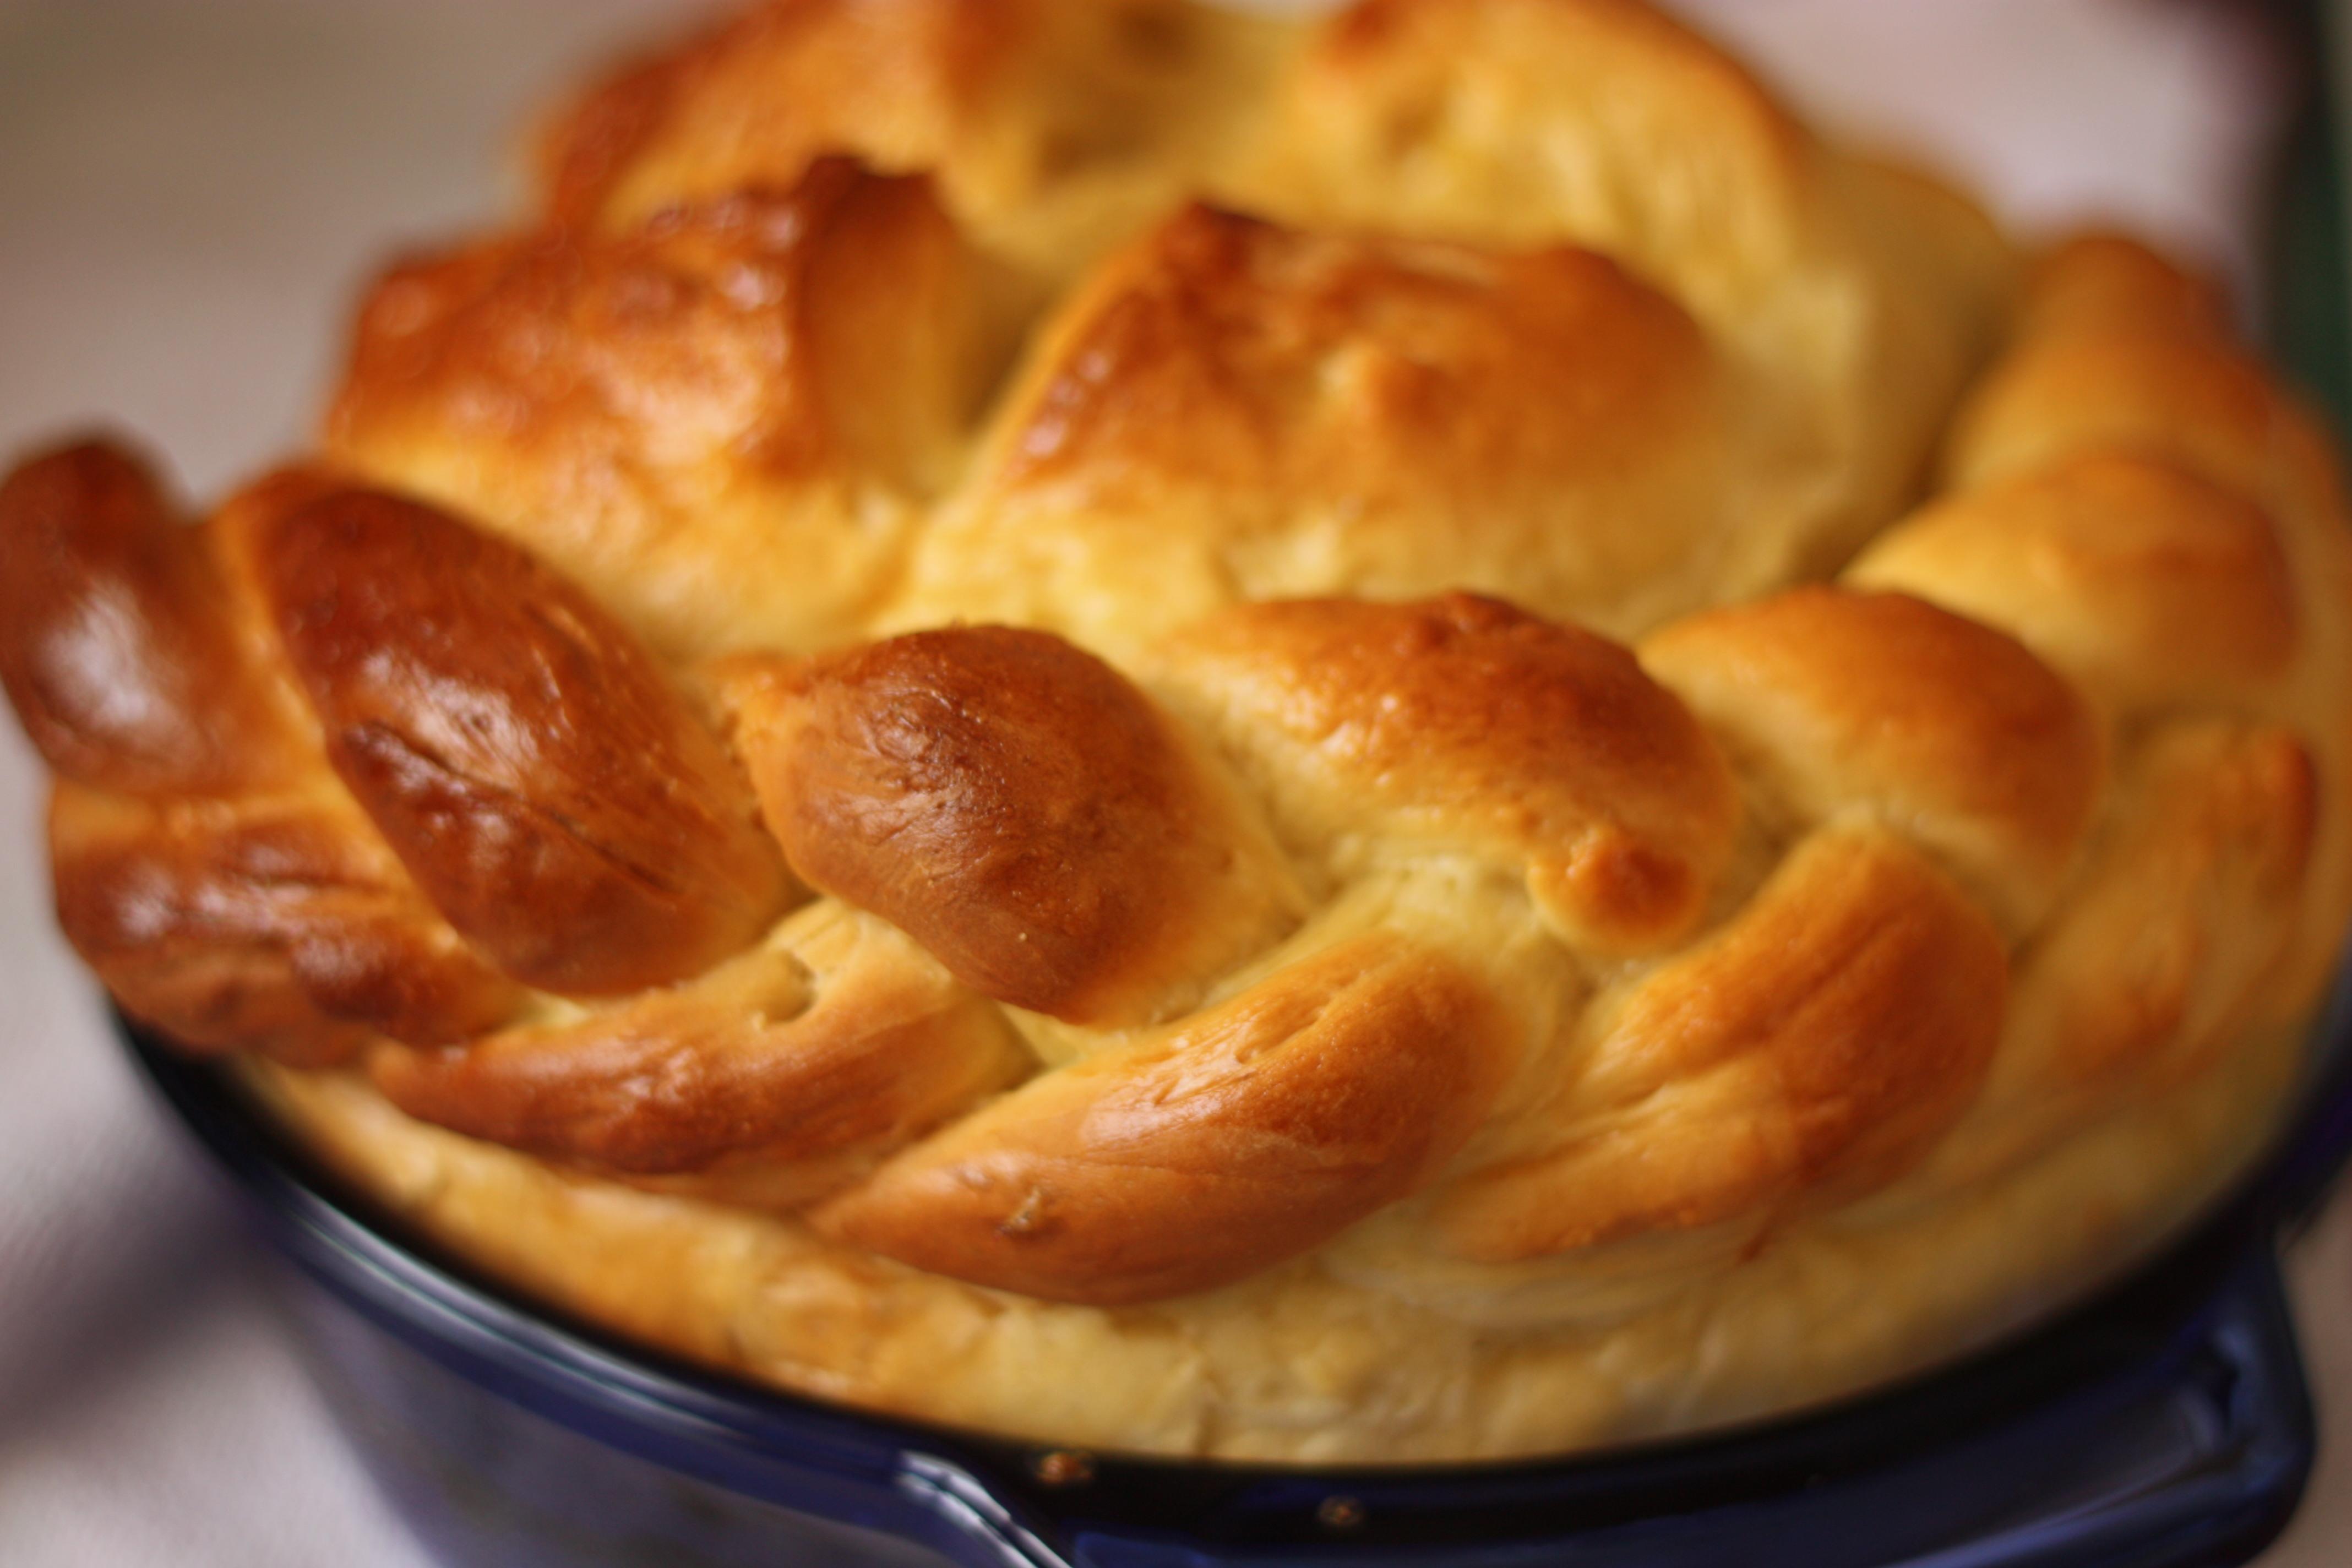 паска - традиционный украинский пасхальный хлеб